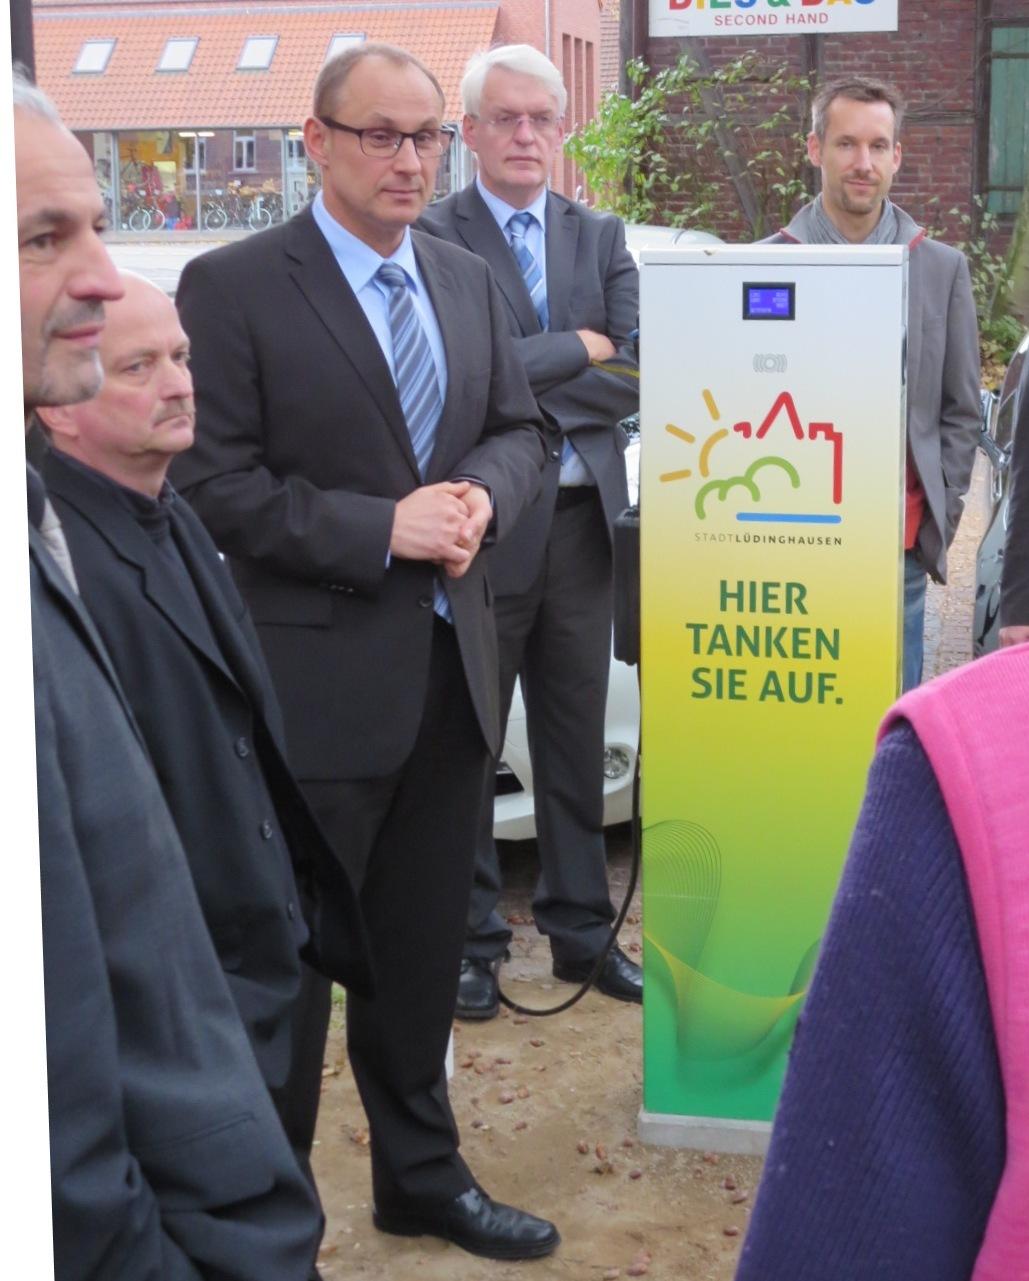 Auf dem oberen Foto von links nach rechts: Filipe Costa, Dr. Axel Heitbrink und Dr. Hans-Dieter Storzer von EBG Compleo, Bürgermeister Richard Borgmann und Bauamtsleiter Björn Herrmann.